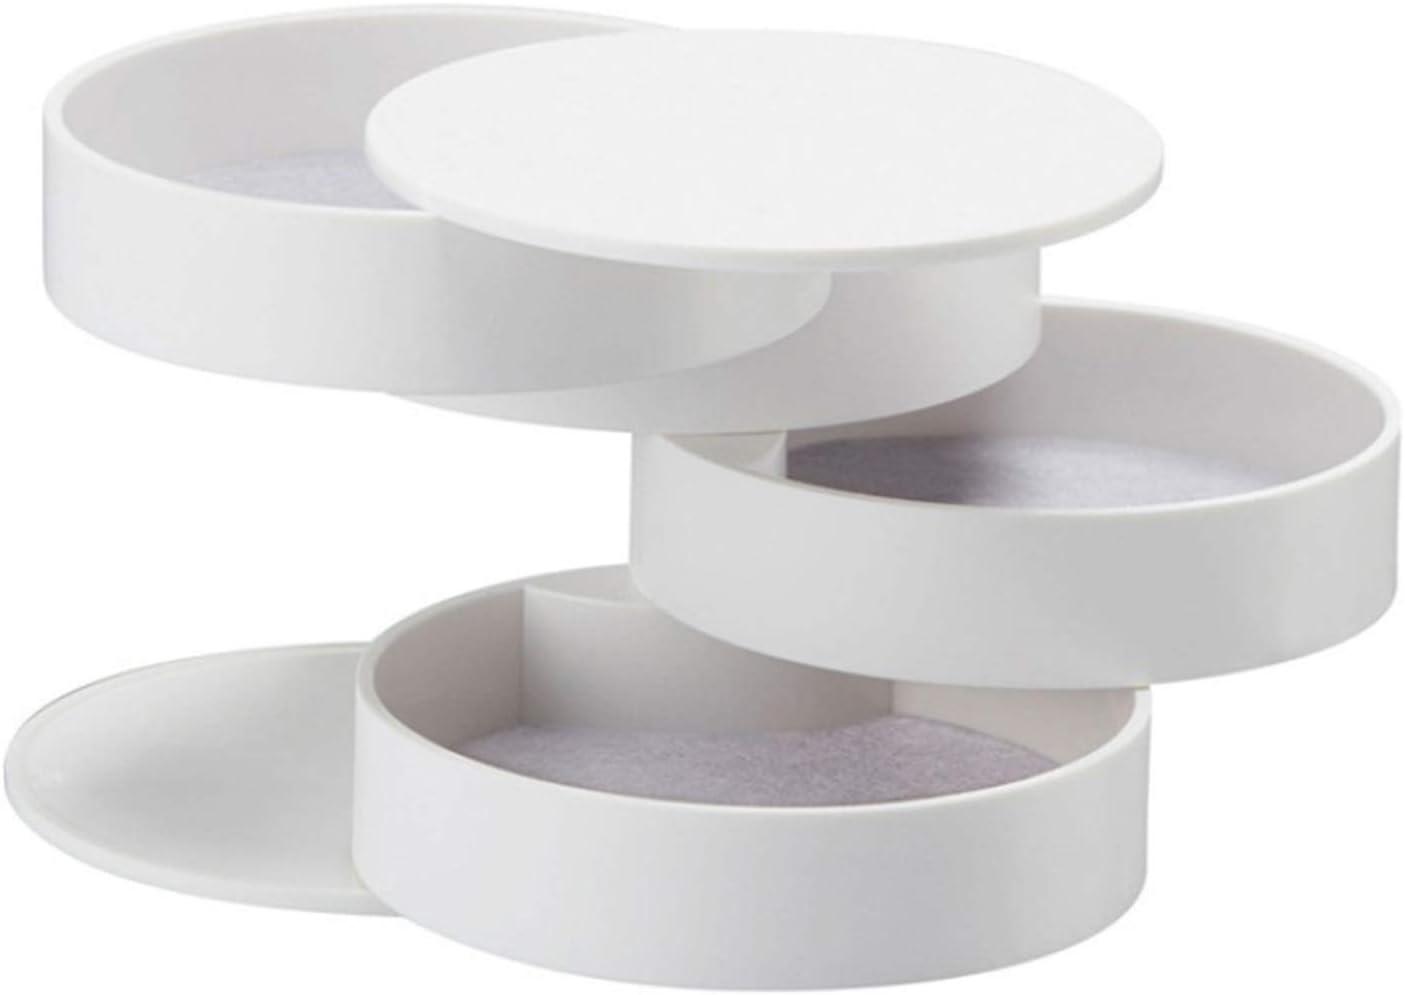 XYJNN Jewelry storagebox - Max 81% Max 83% OFF OFF Organizer Small Box